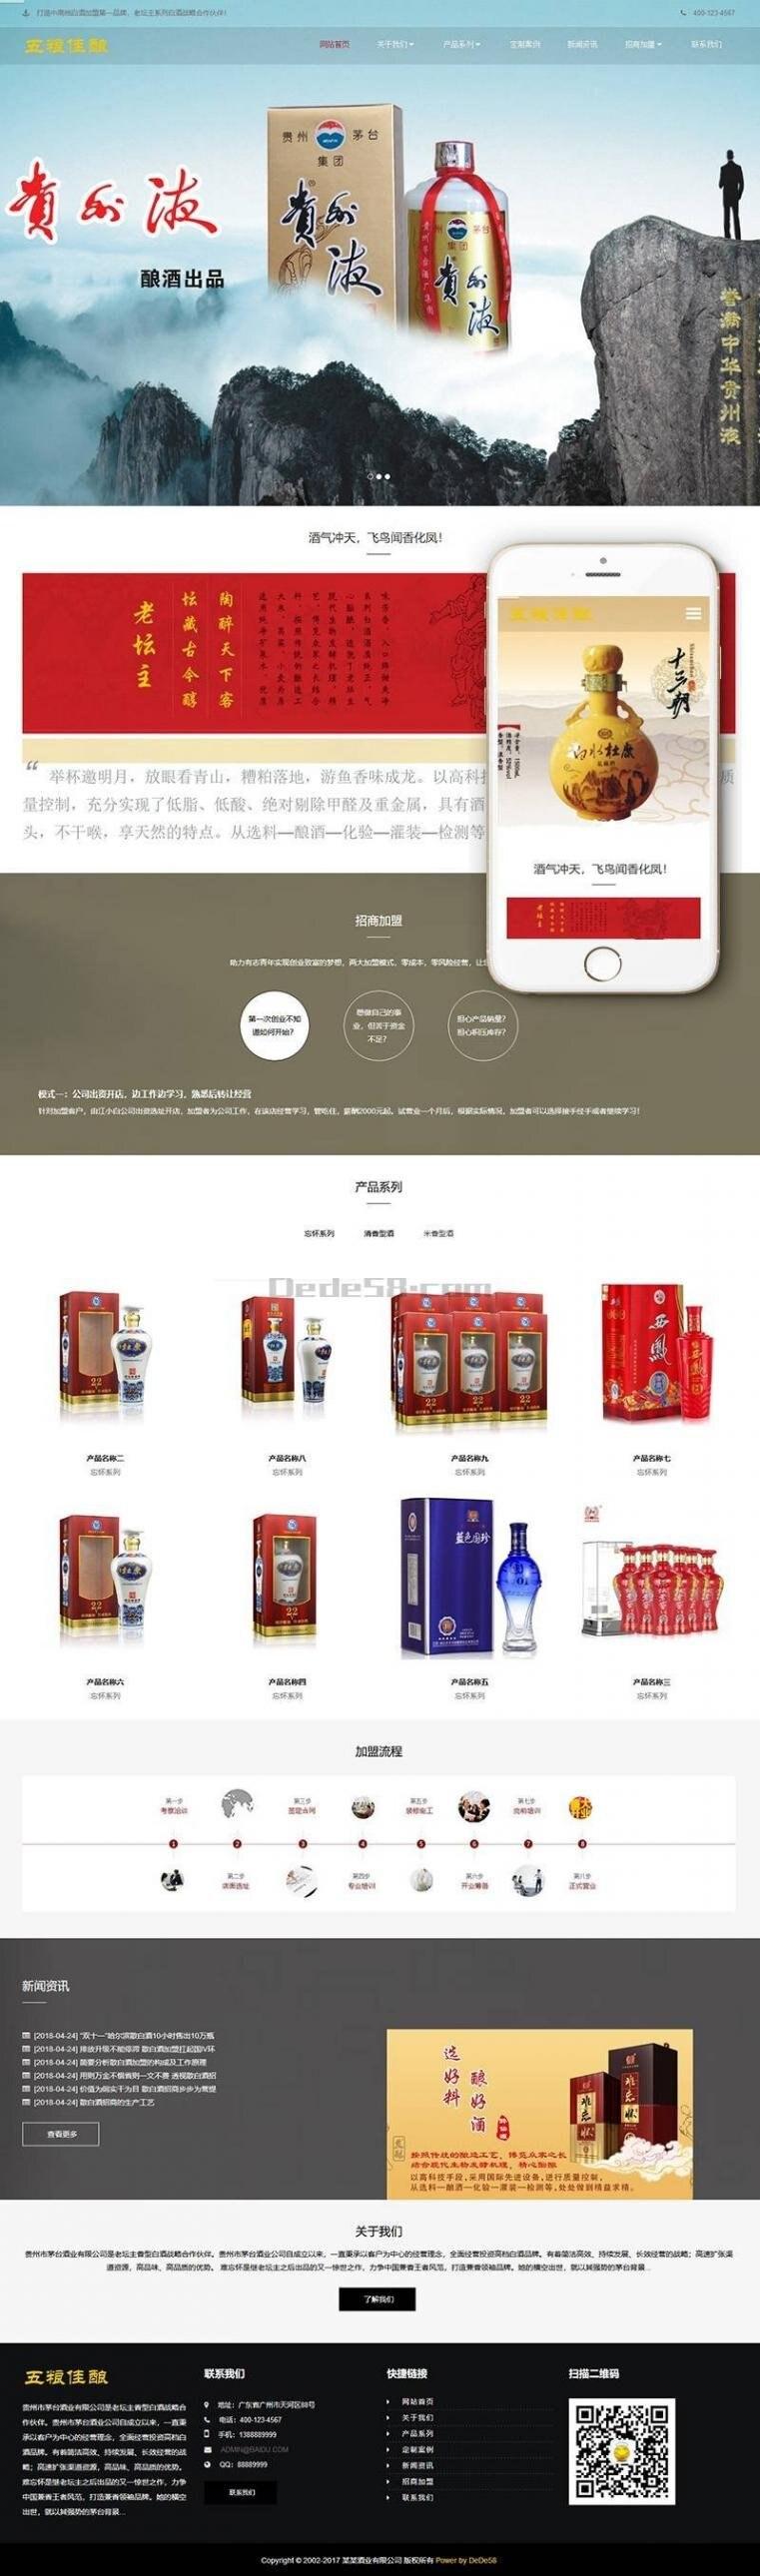 响应式高端酒业包装设计类网站织梦模板(自适应手机端)